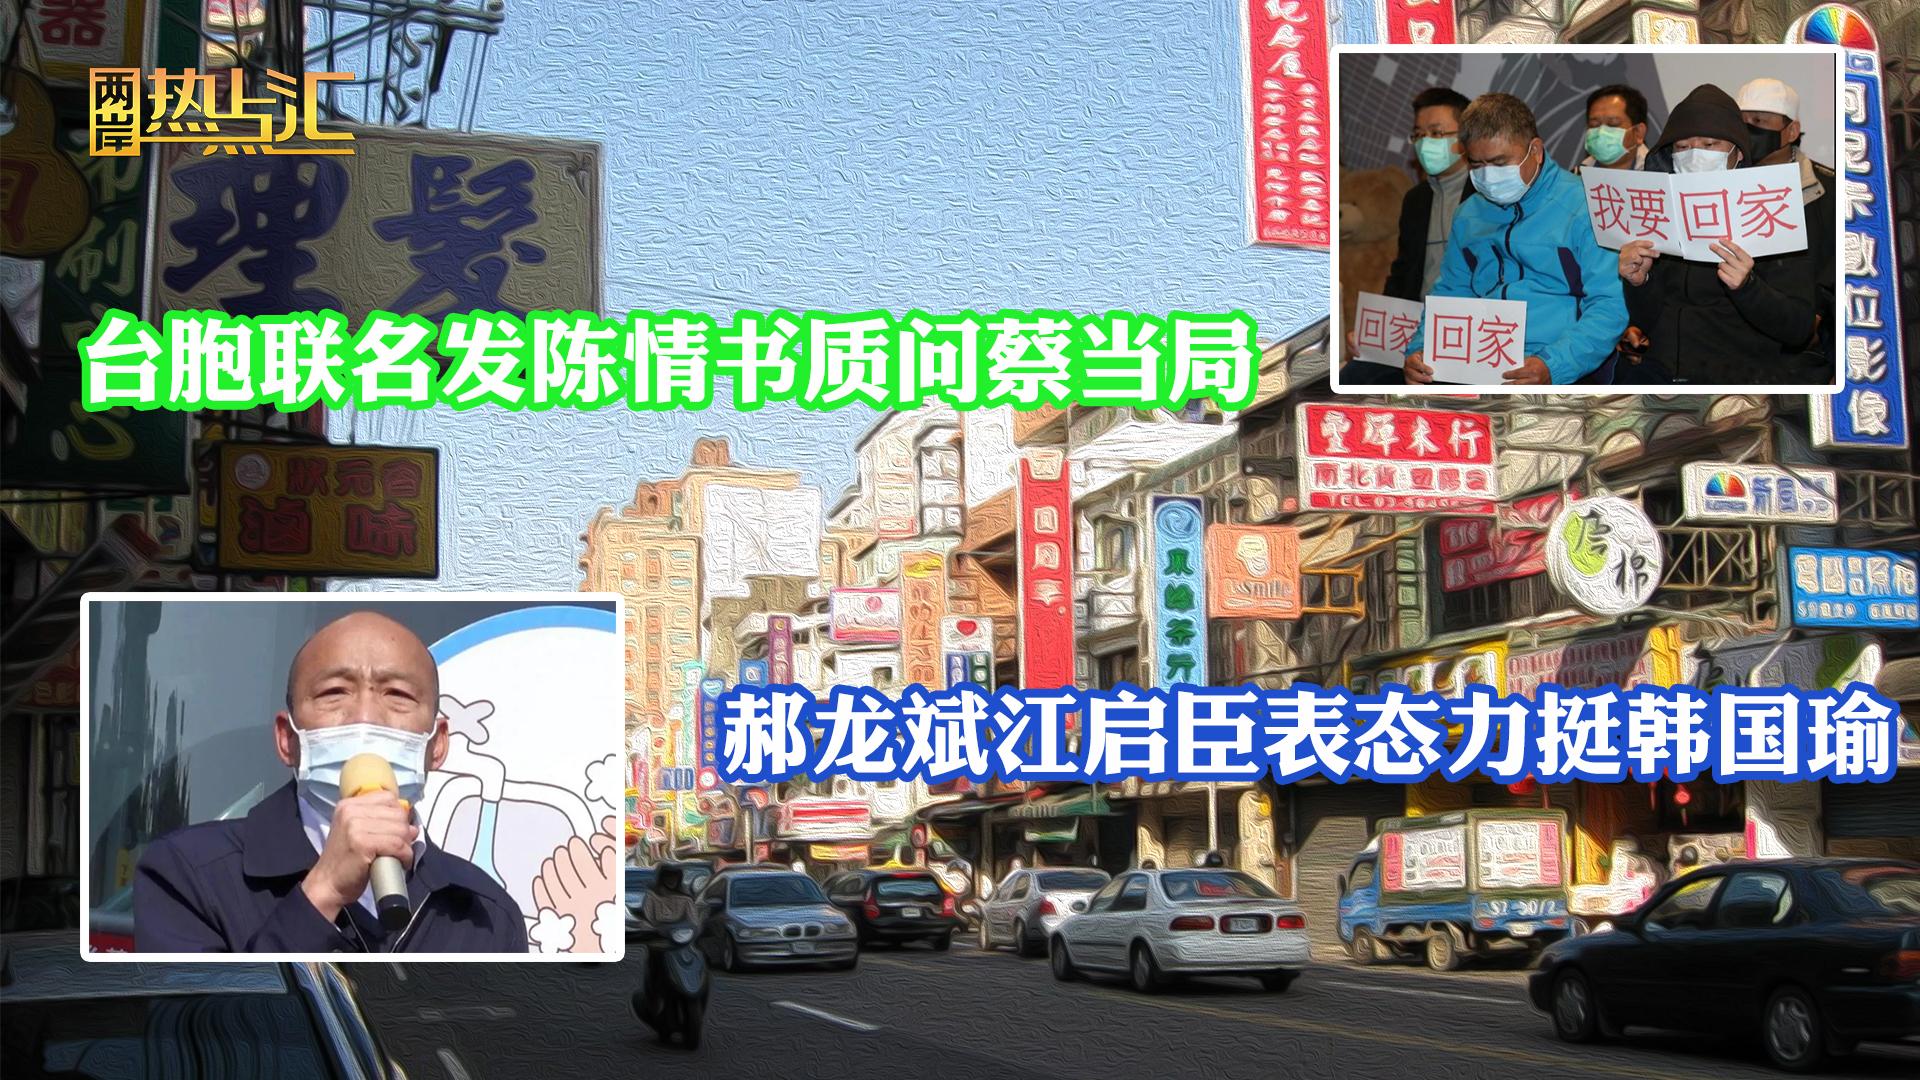 台胞联名发陈情书质问蔡当局 郝龙斌江启臣表态力挺韩国瑜图片